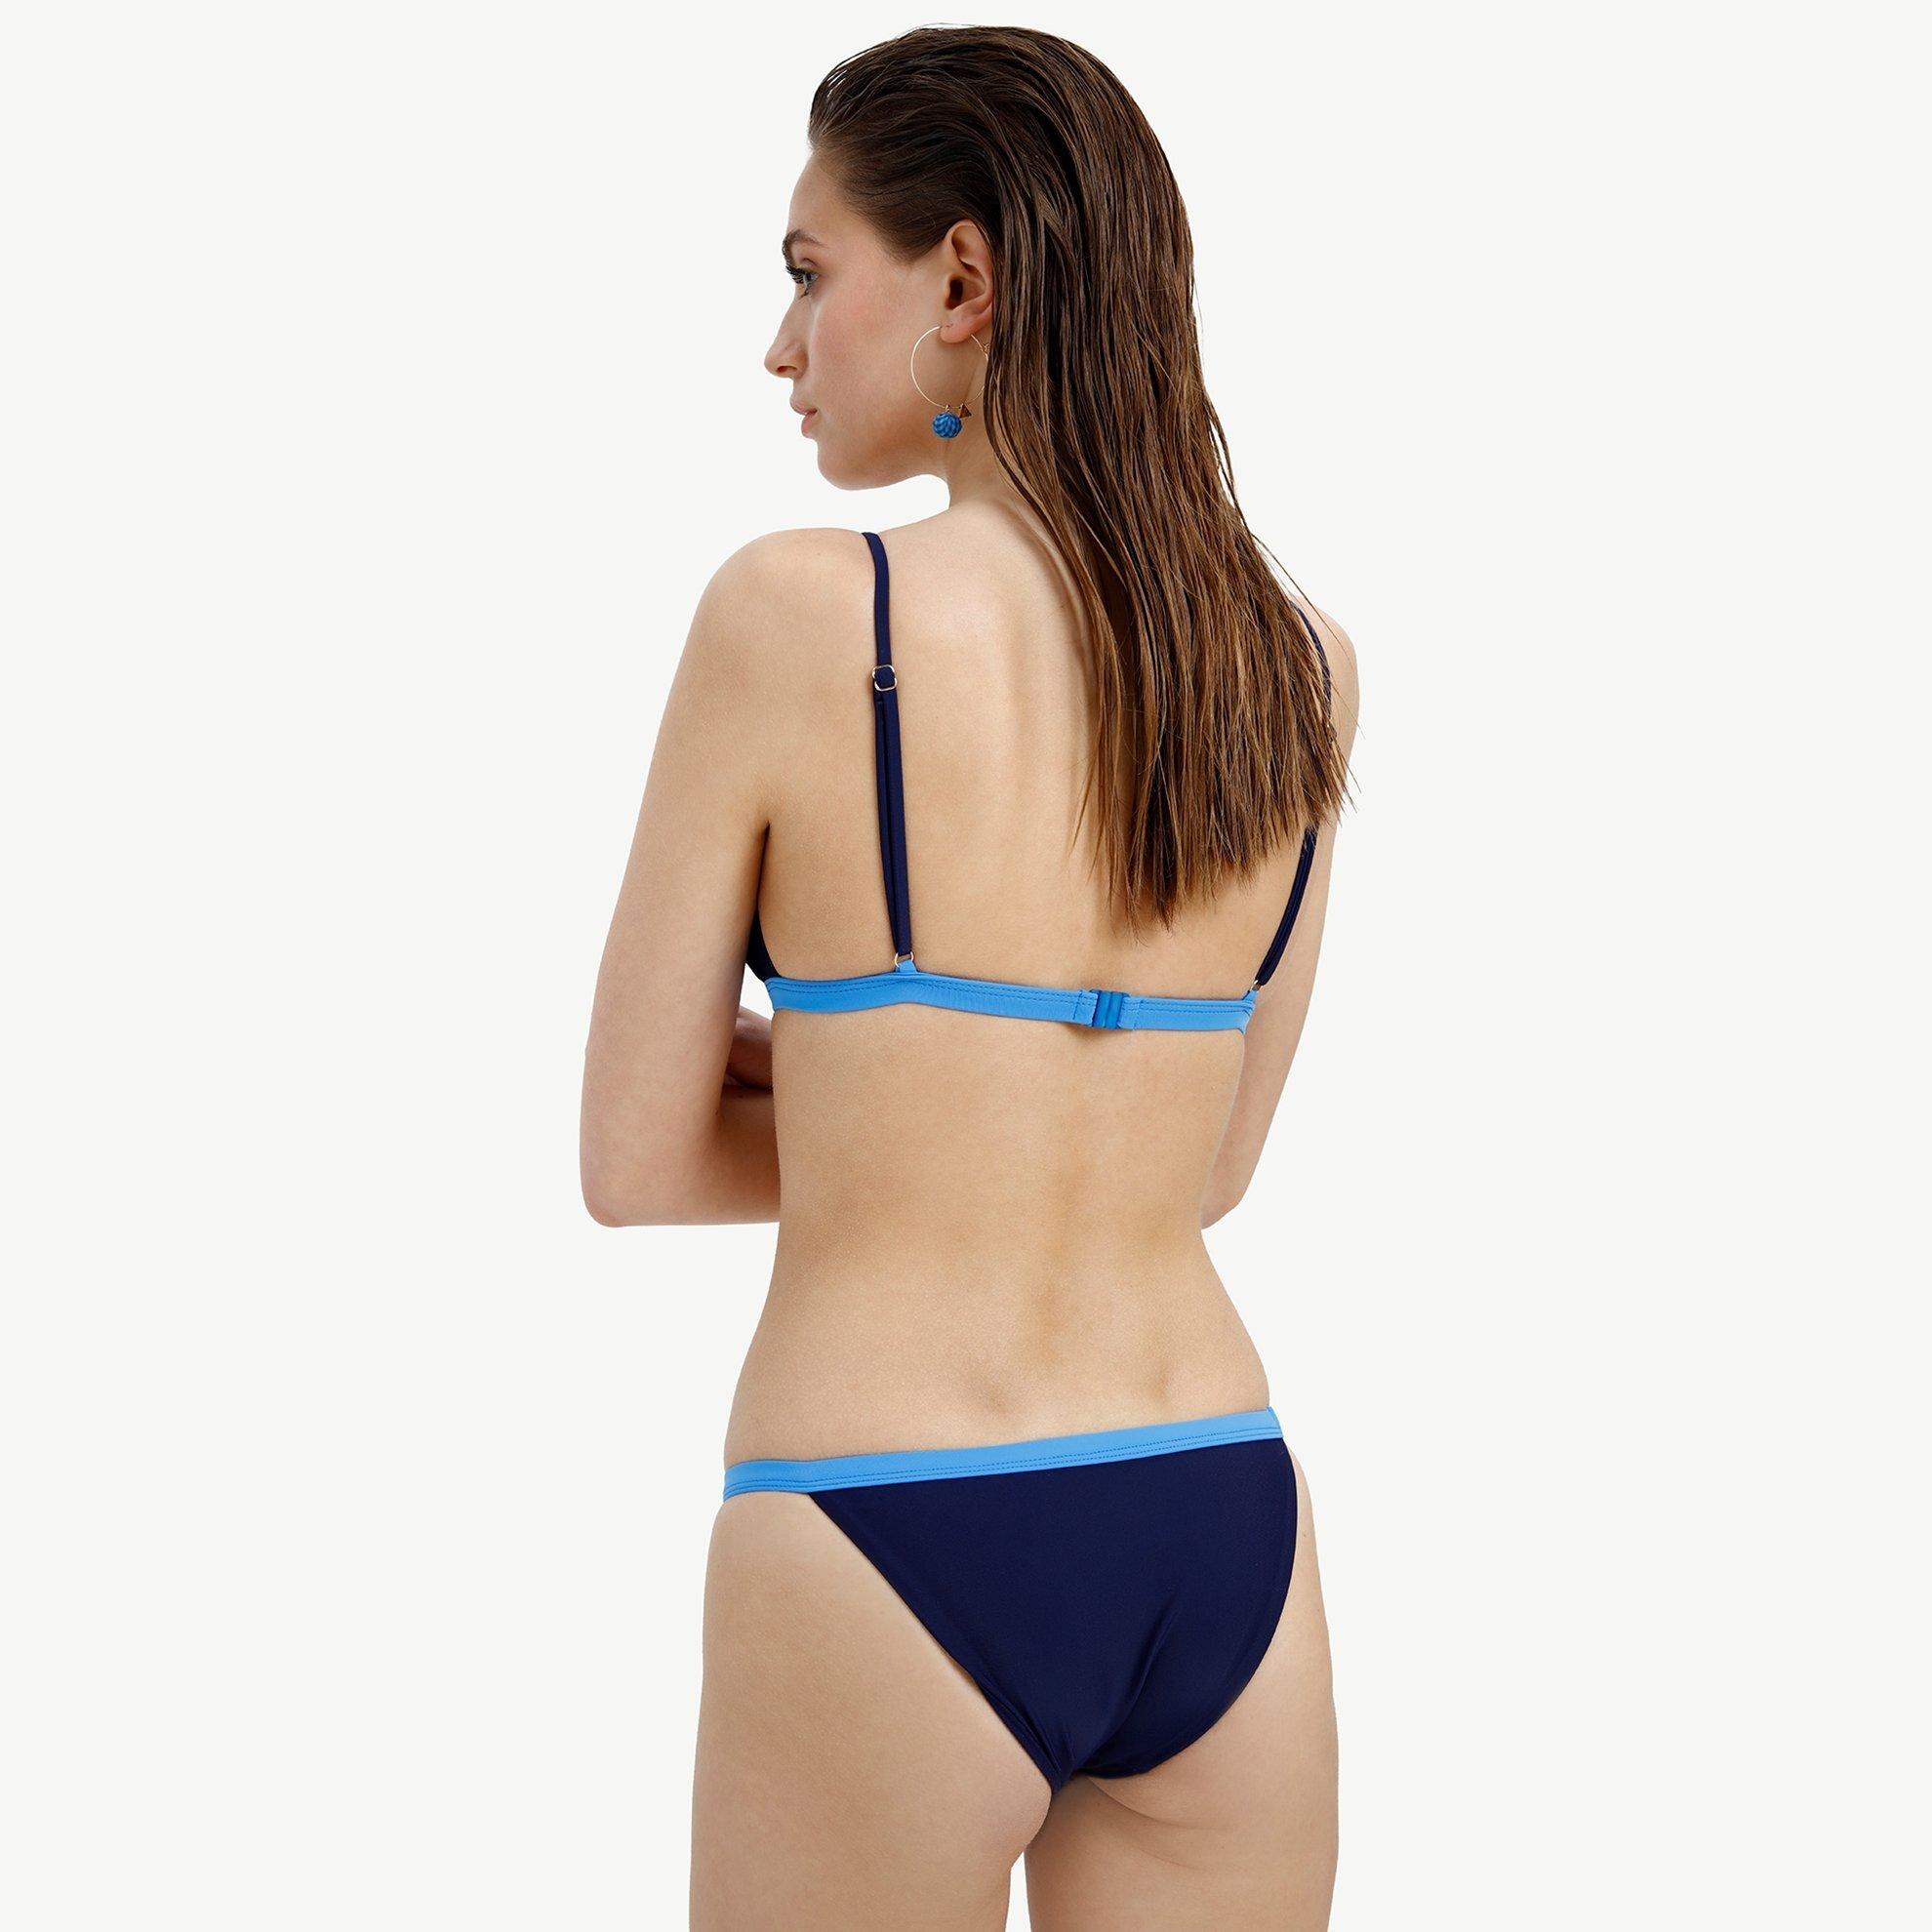 Kemer Detaylı Bikini Altı